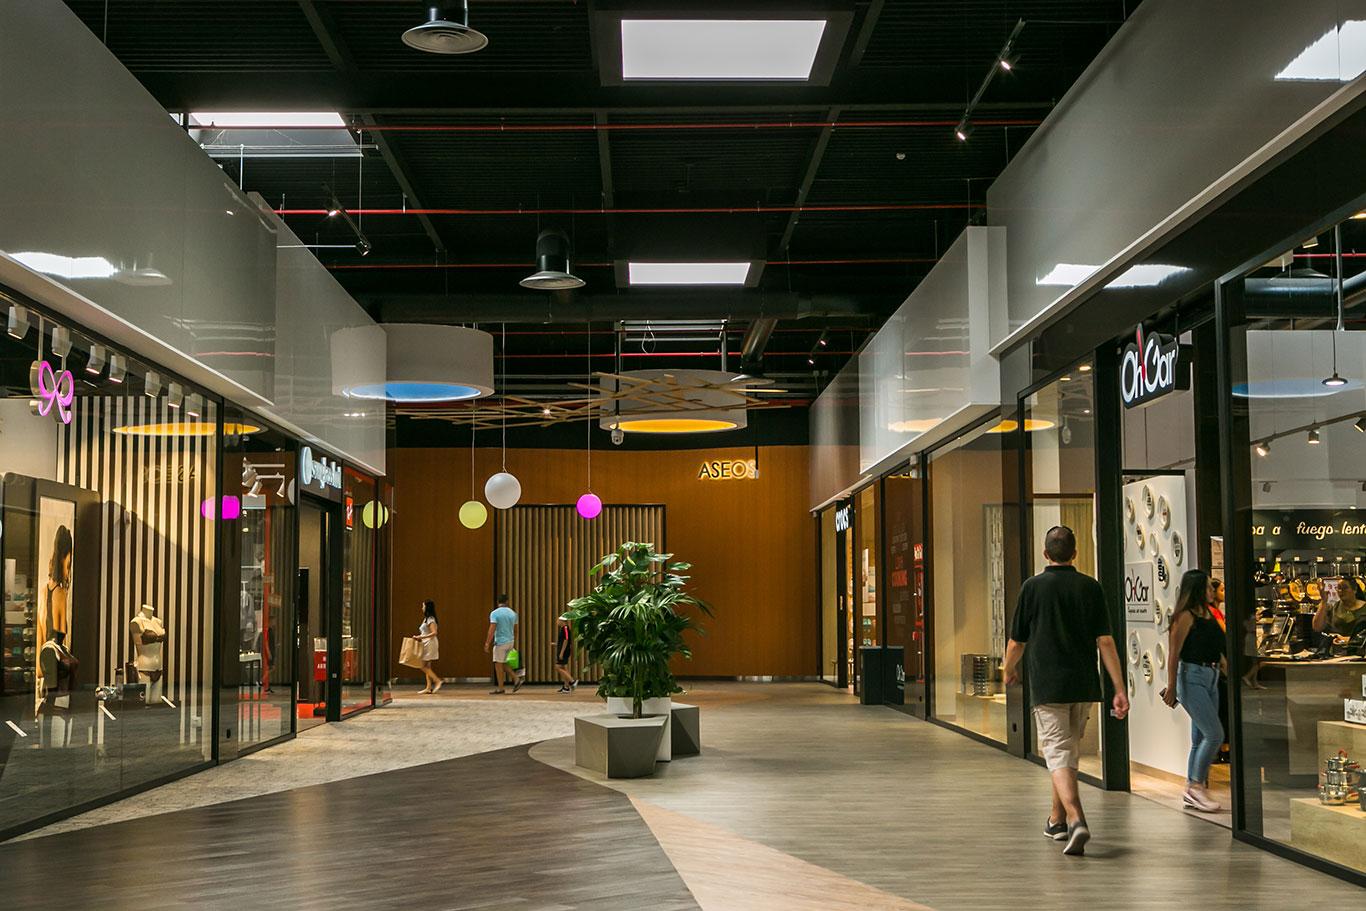 Tiza rural Favor  Información - Centro Comercial The Outlet Stores Alicante